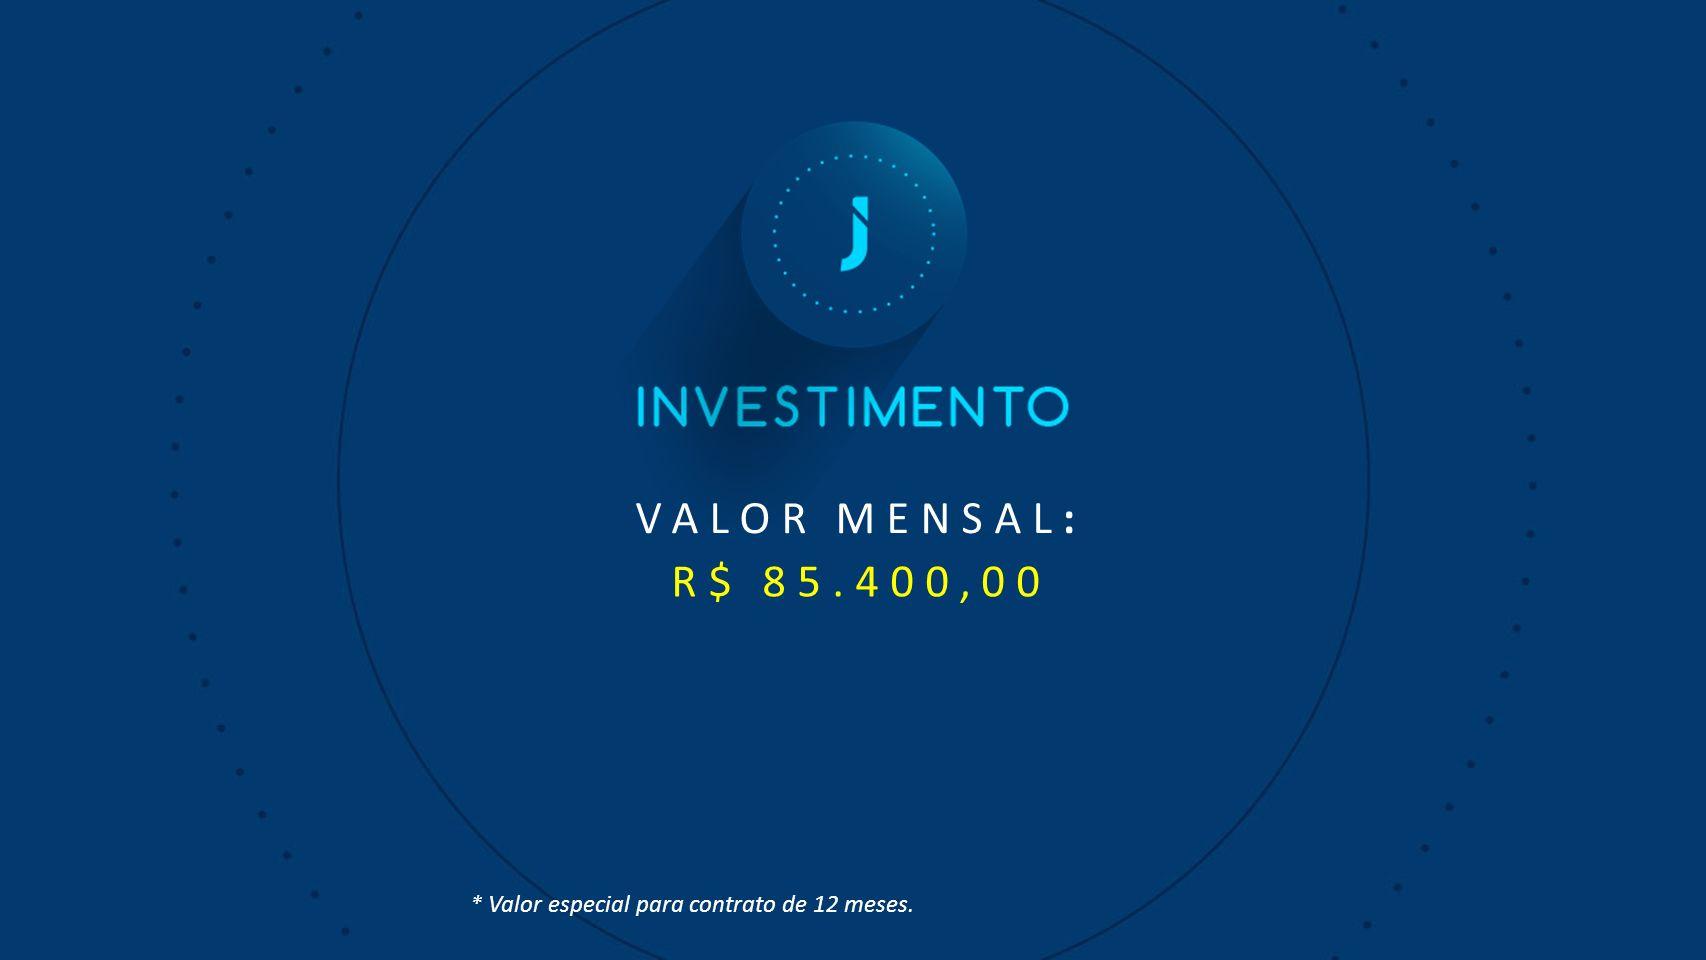 VALOR MENSAL: R$ 85.400,00 * Valor especial para contrato de 12 meses.